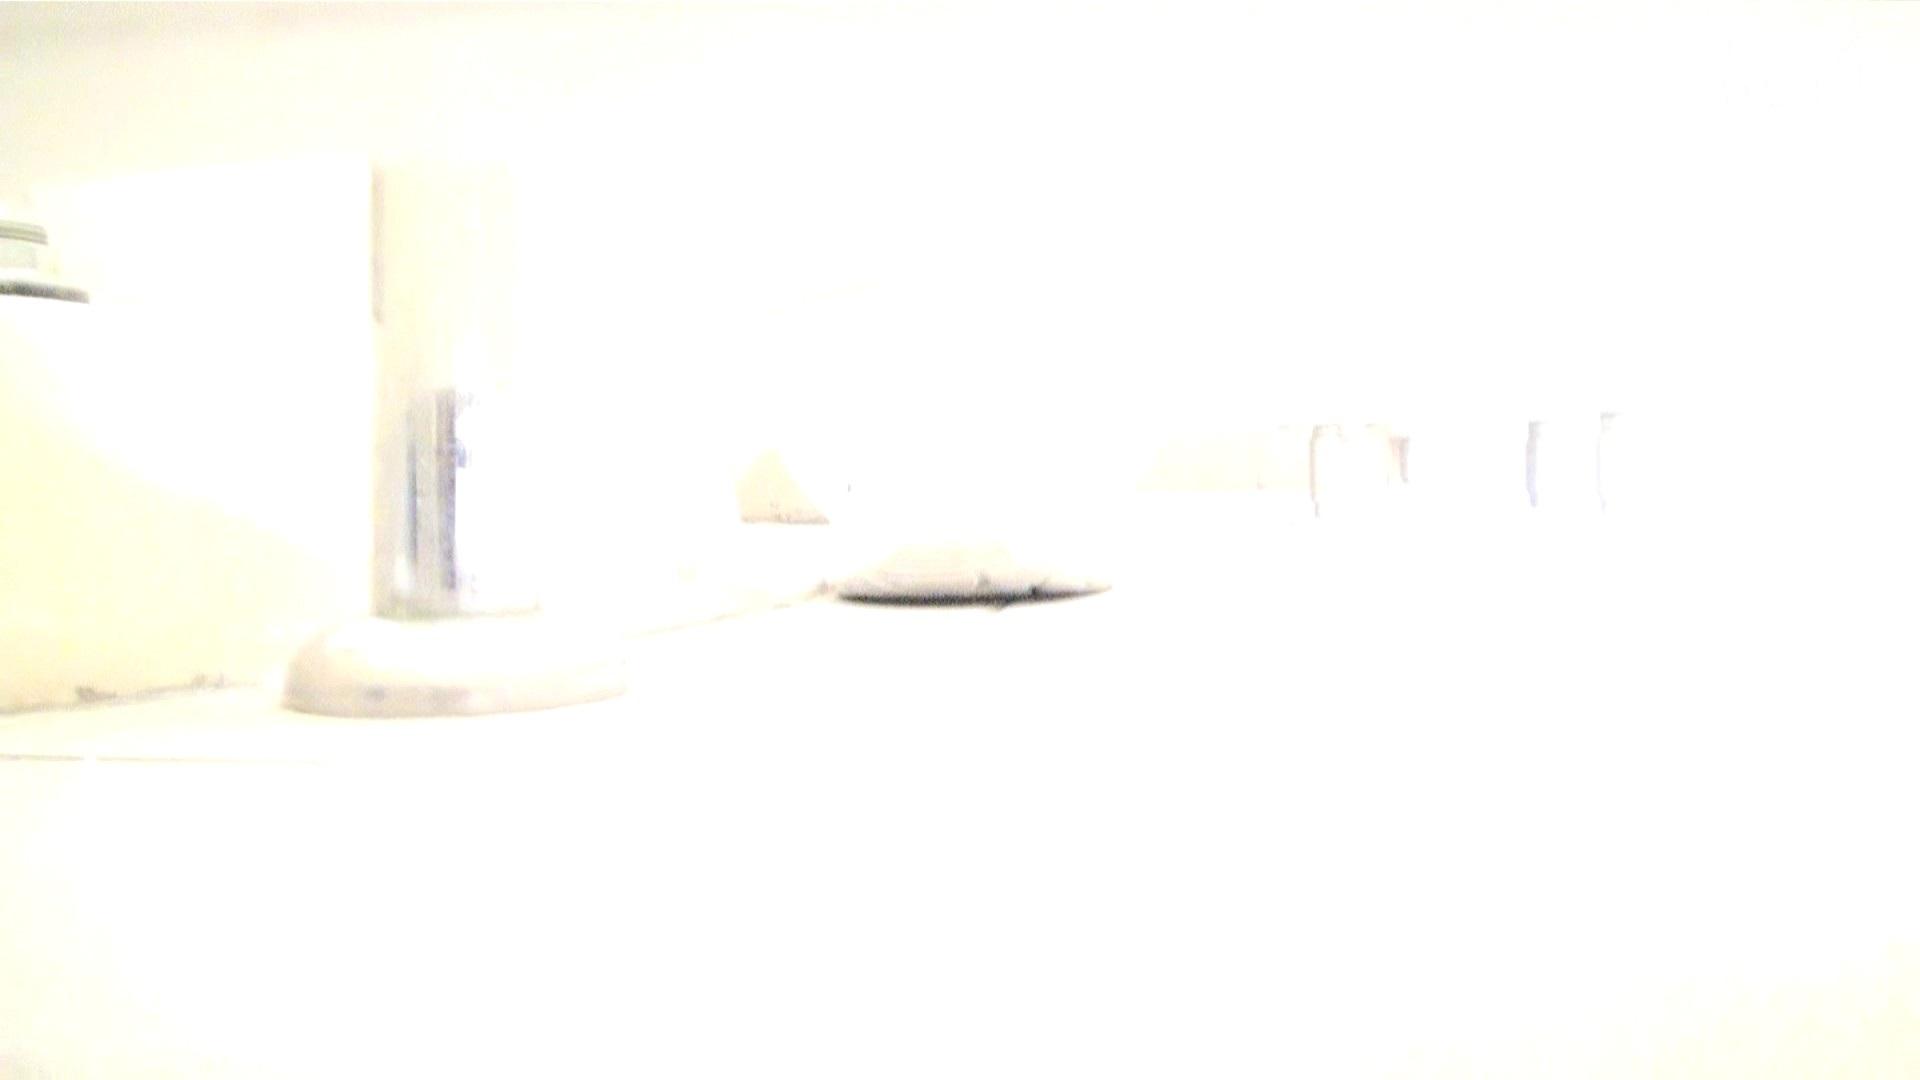 至高下半身盗撮-PREMIUM-【院内病棟編 】 vol.04 洗面所   盗撮  71PIX 69